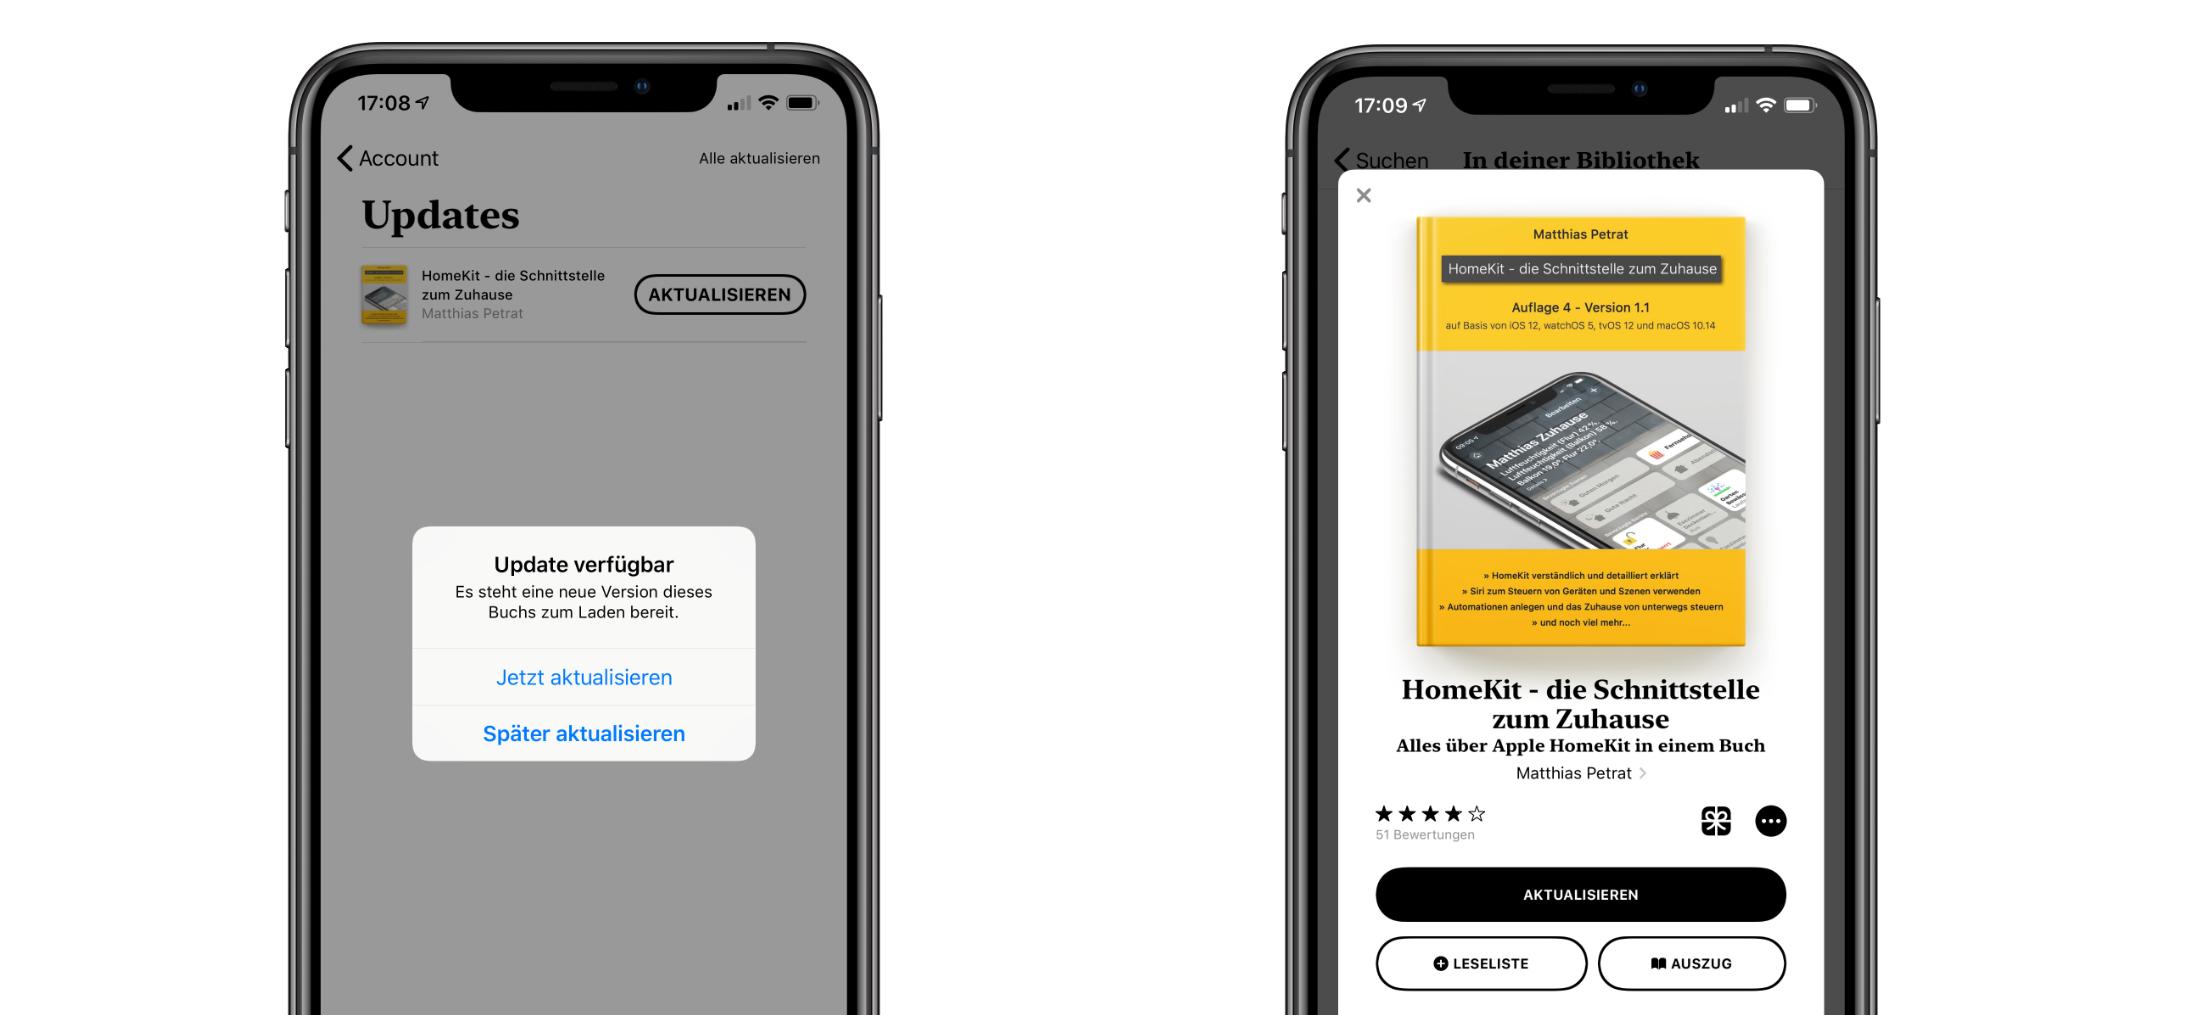 """HomeKit-–-die-Schnittstelle-zum-Zuhause-Buchversion-1.1-Auflage-4-iOS-Update """"HomeKit – die Schnittstelle zum Zuhause"""" – Version 1.1 der 4. Auflage ist da"""